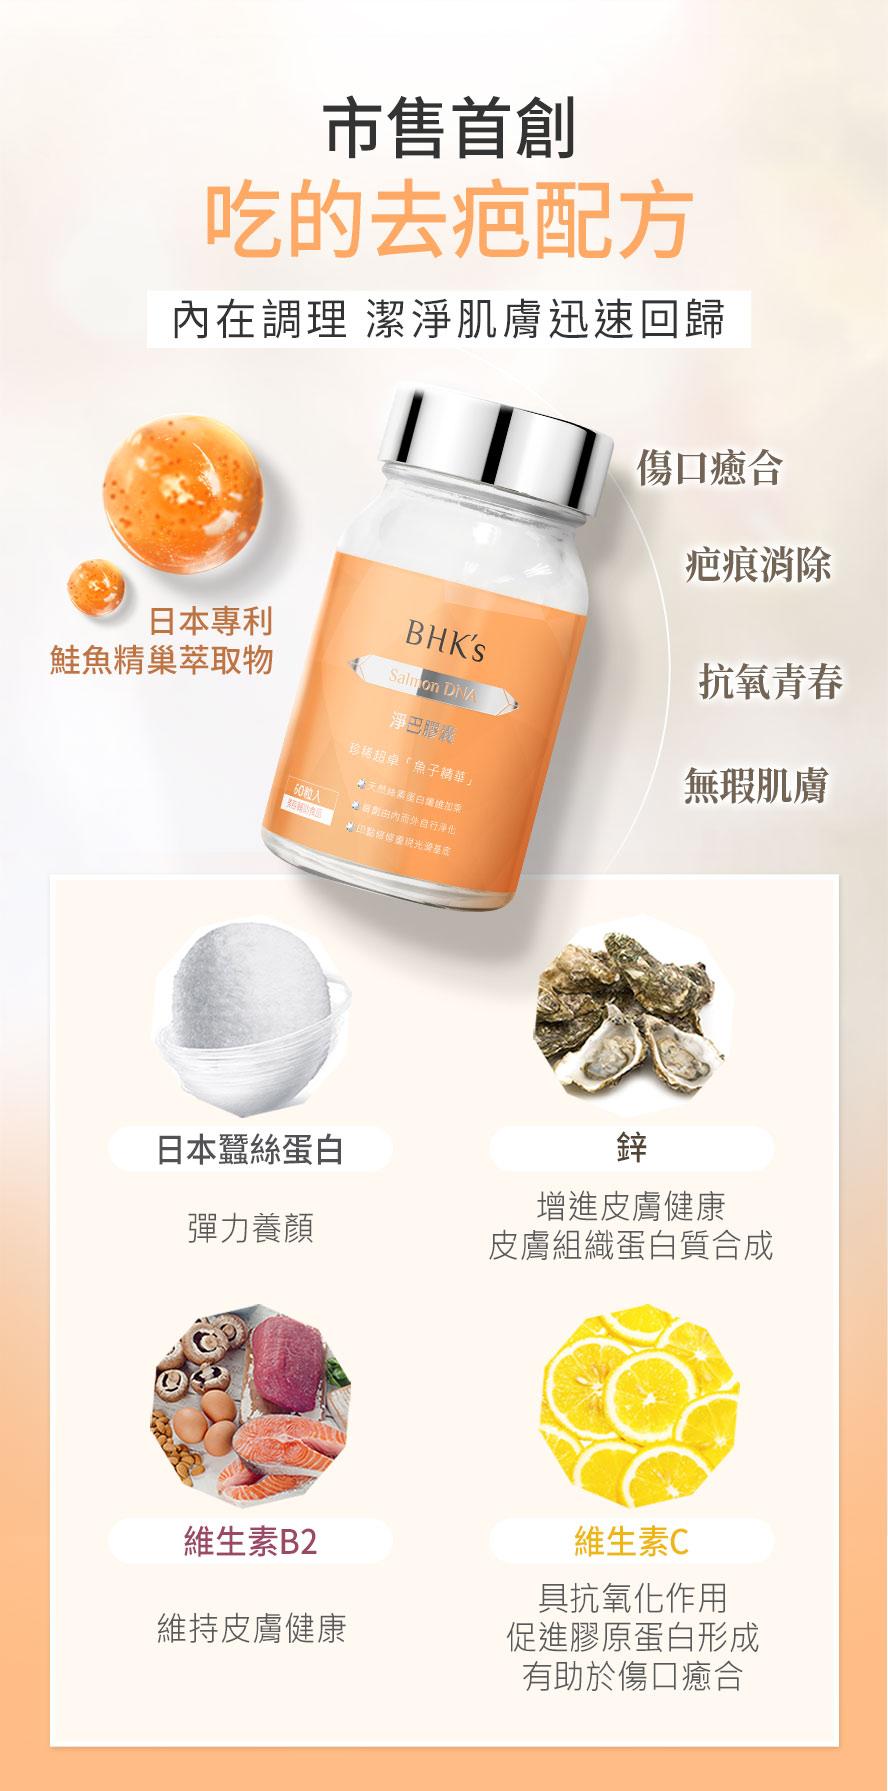 BHK's淨巴添加日本珍貴蠶絲蛋白,有效修復肌膚